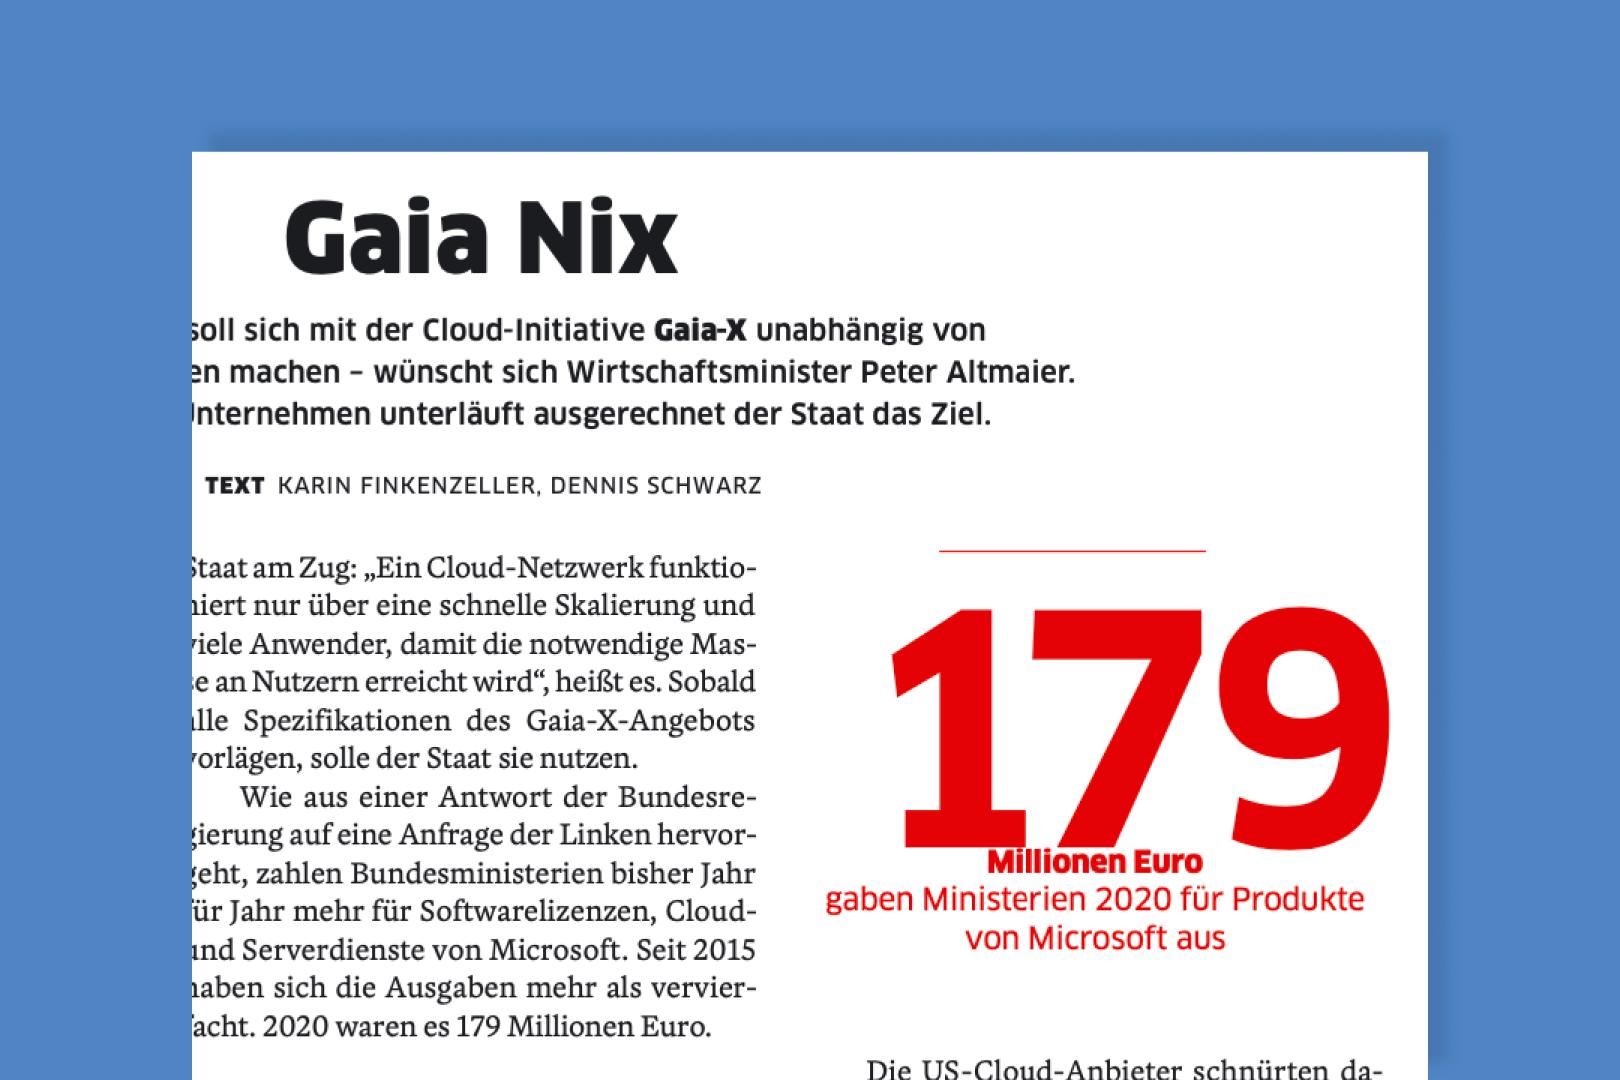 ownCloud Wirtschaftswoche Gaia-X